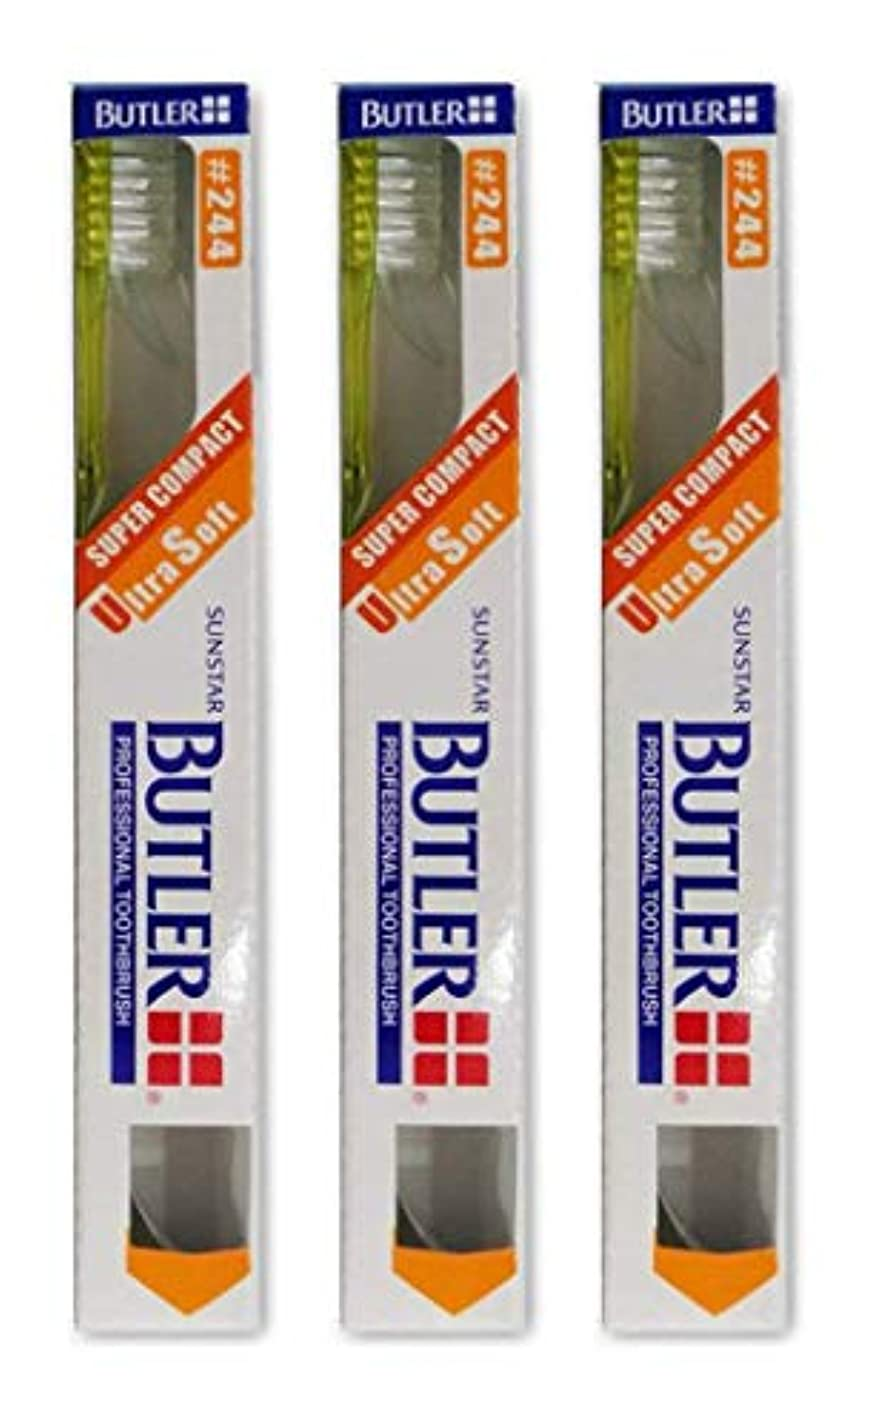 スポーツバスカルシウムバトラー歯ブラシ #244 3本